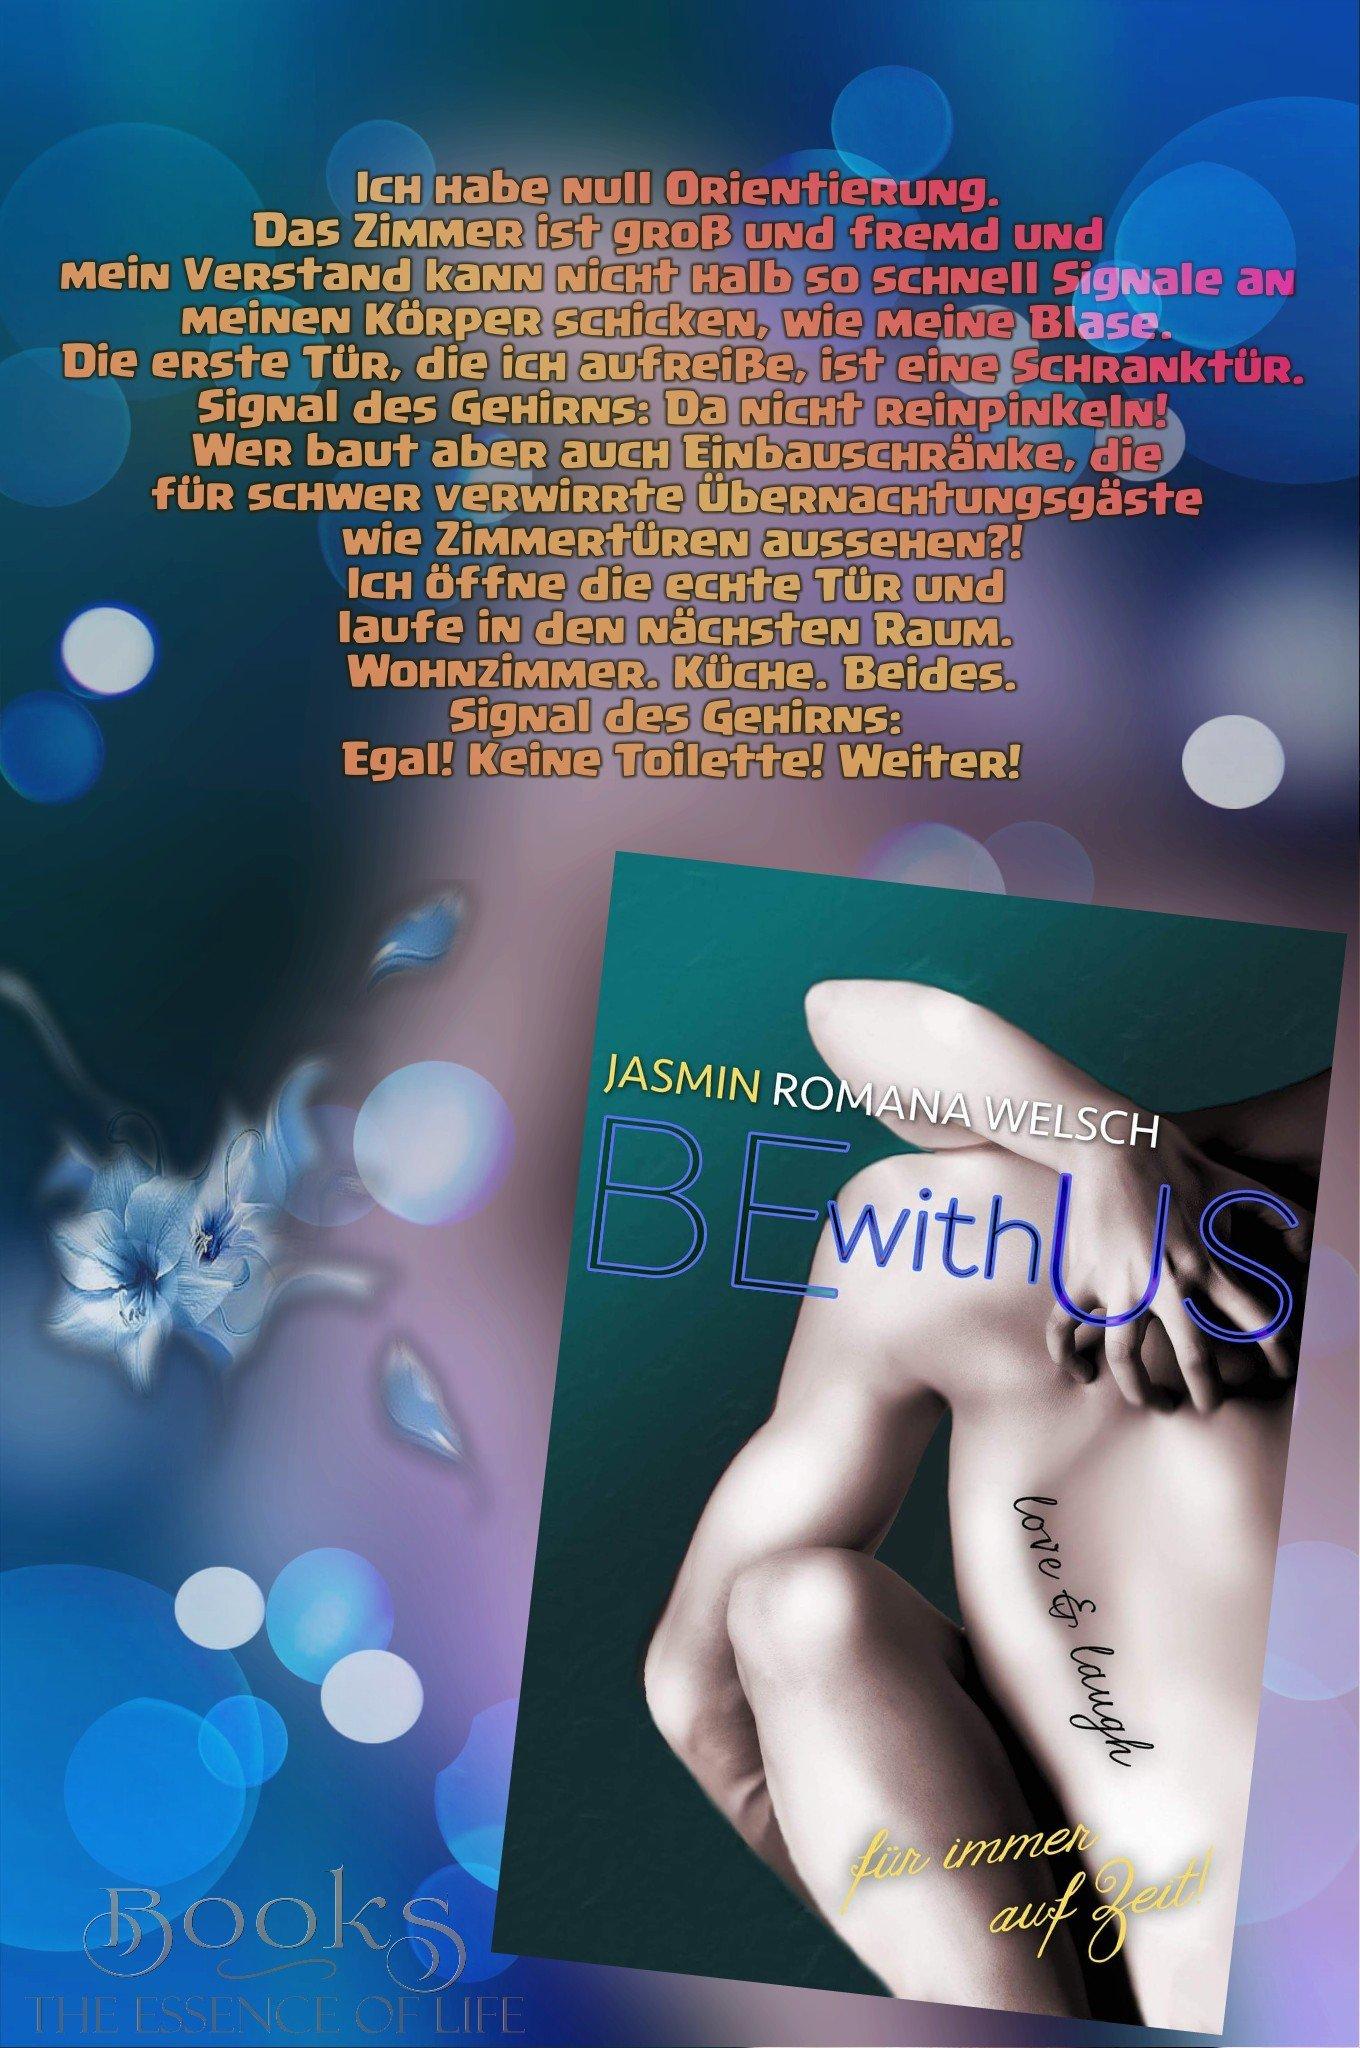 wp-image-979436438